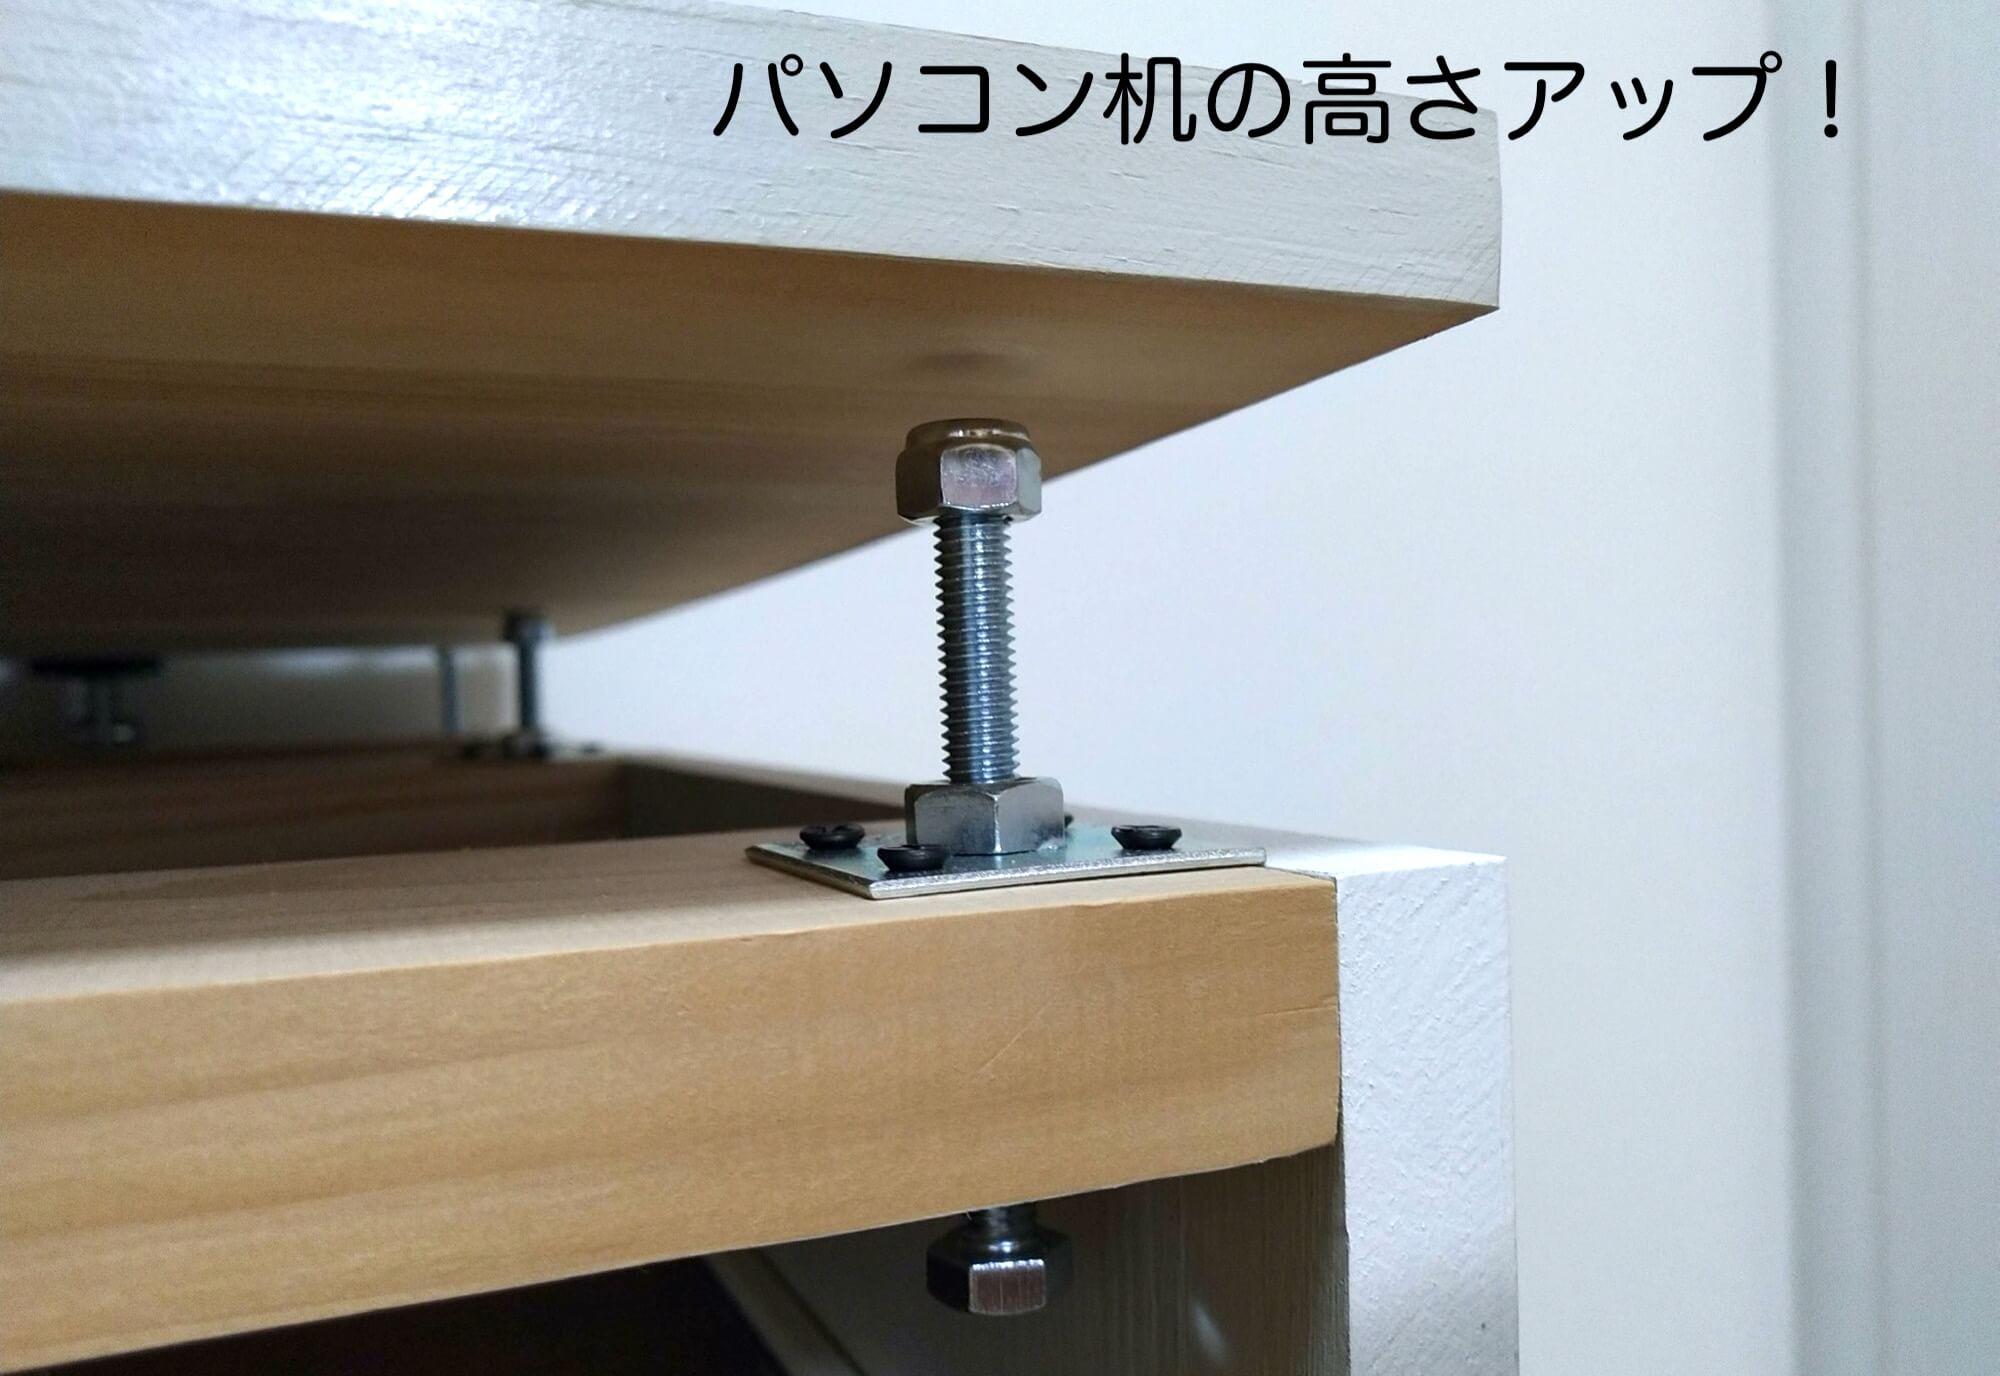 自作テーブルをDIYで高さを上げました/モニター&ノートPC用アームとダイソーのスマホホルダーで机を快適に